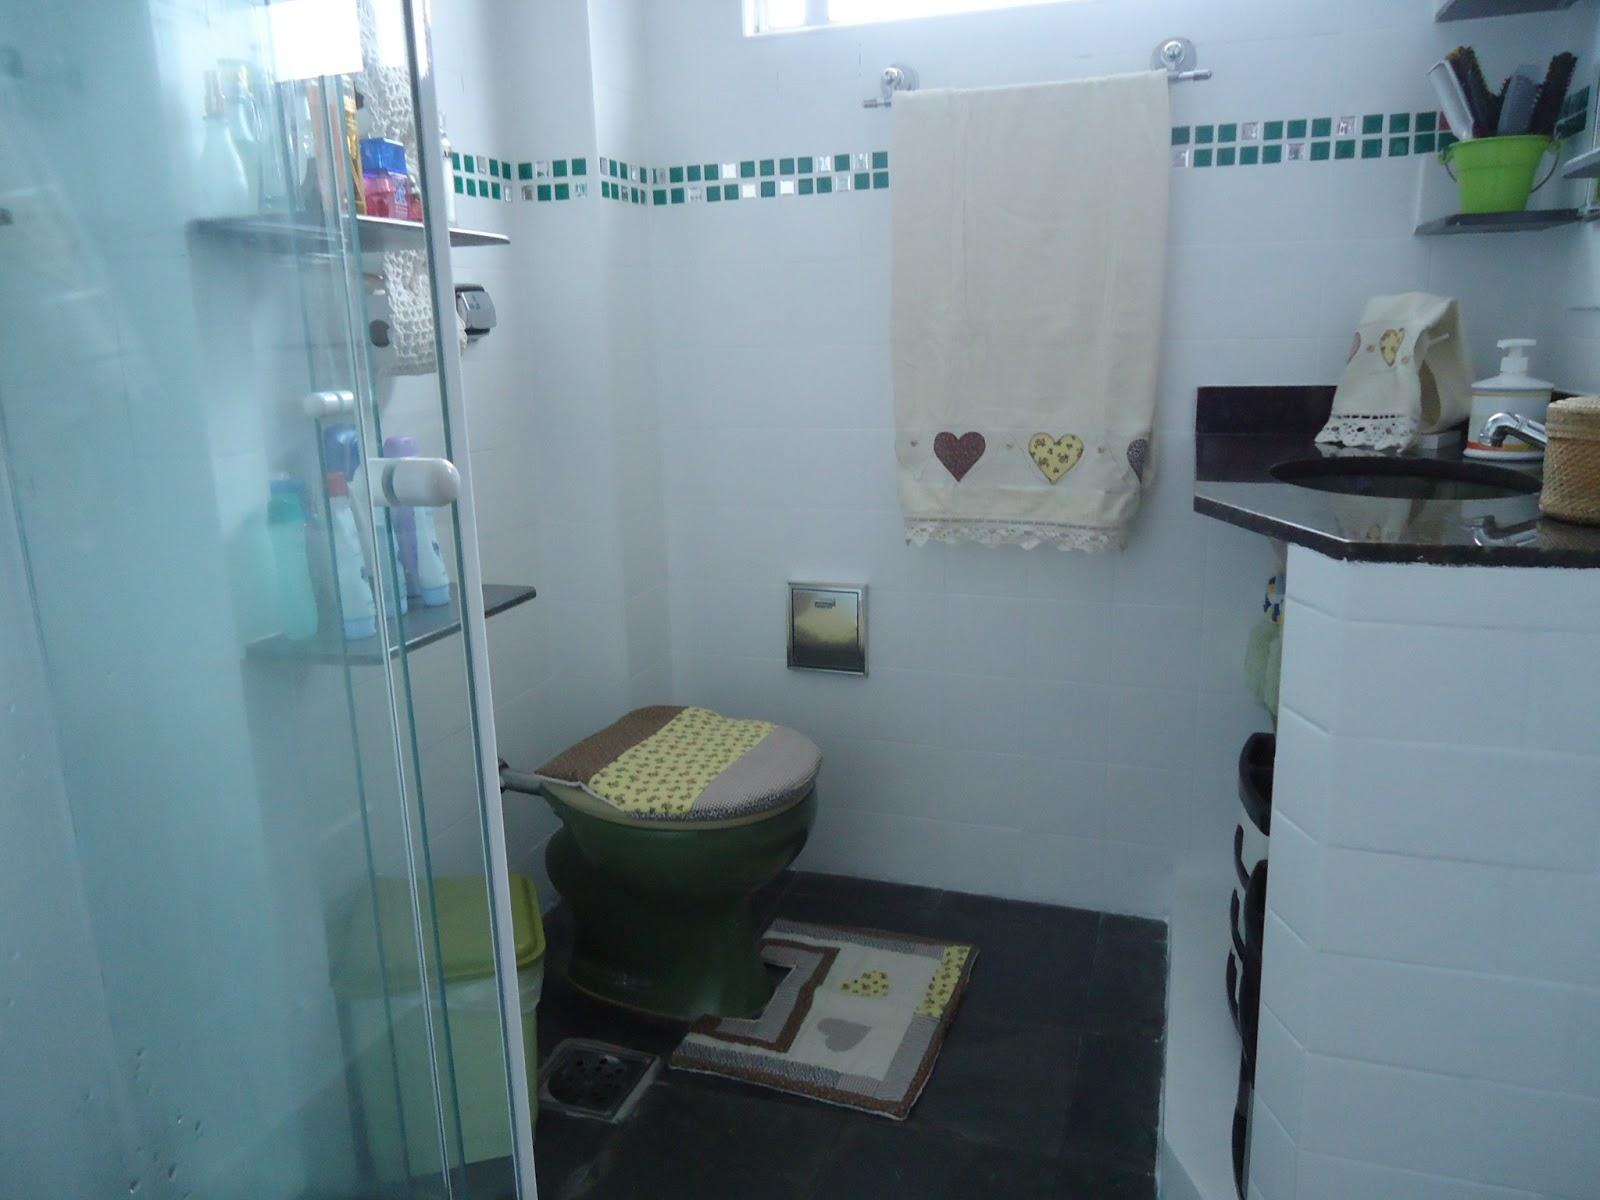 Imagens de #446A87 coloquei umas pastilhas para dar um toque no branquinho são  1600x1200 px 2824 Box Banheiro Limpeza